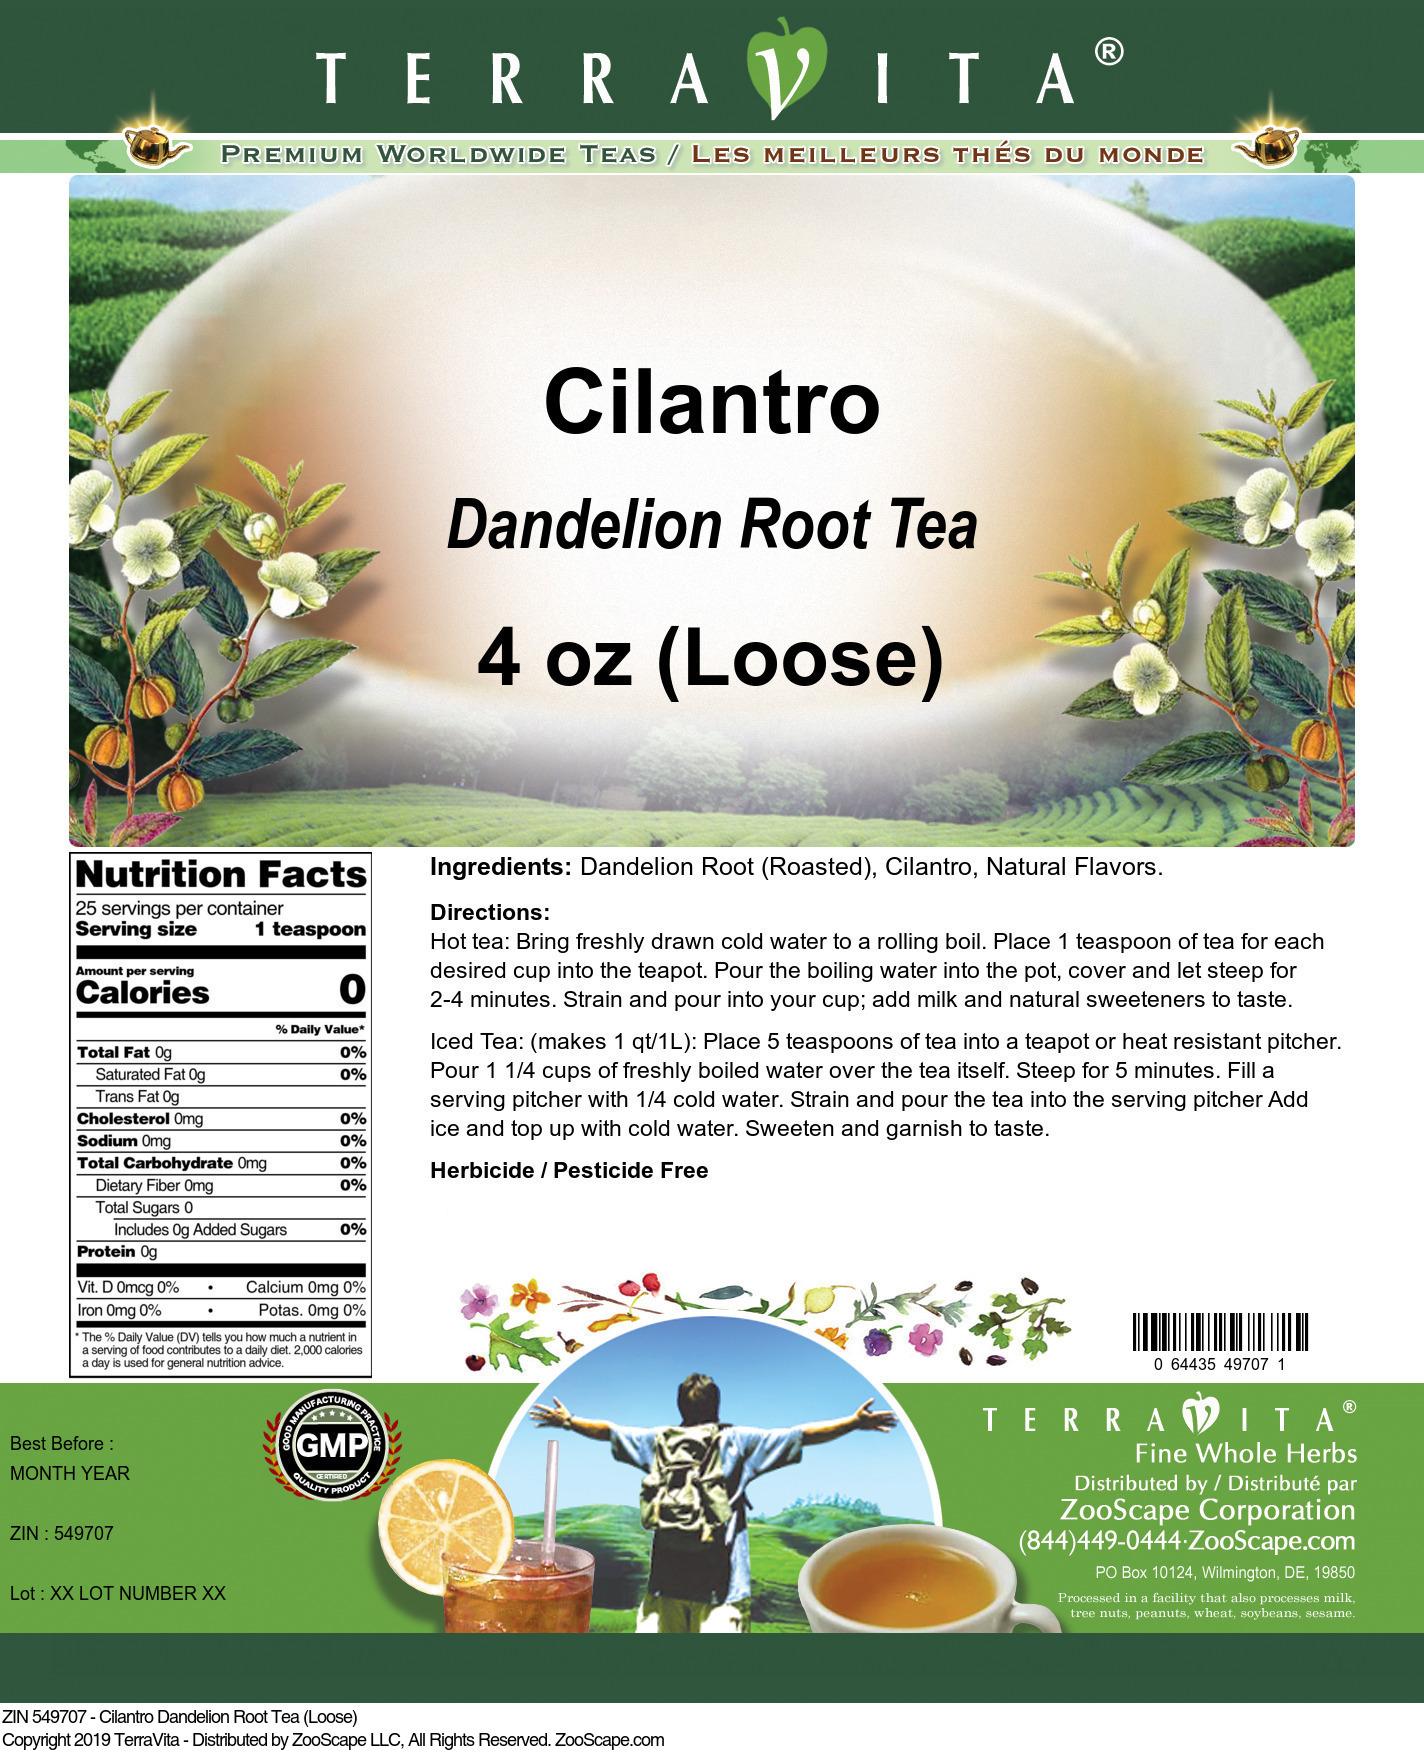 Cilantro Dandelion Root Tea (Loose)